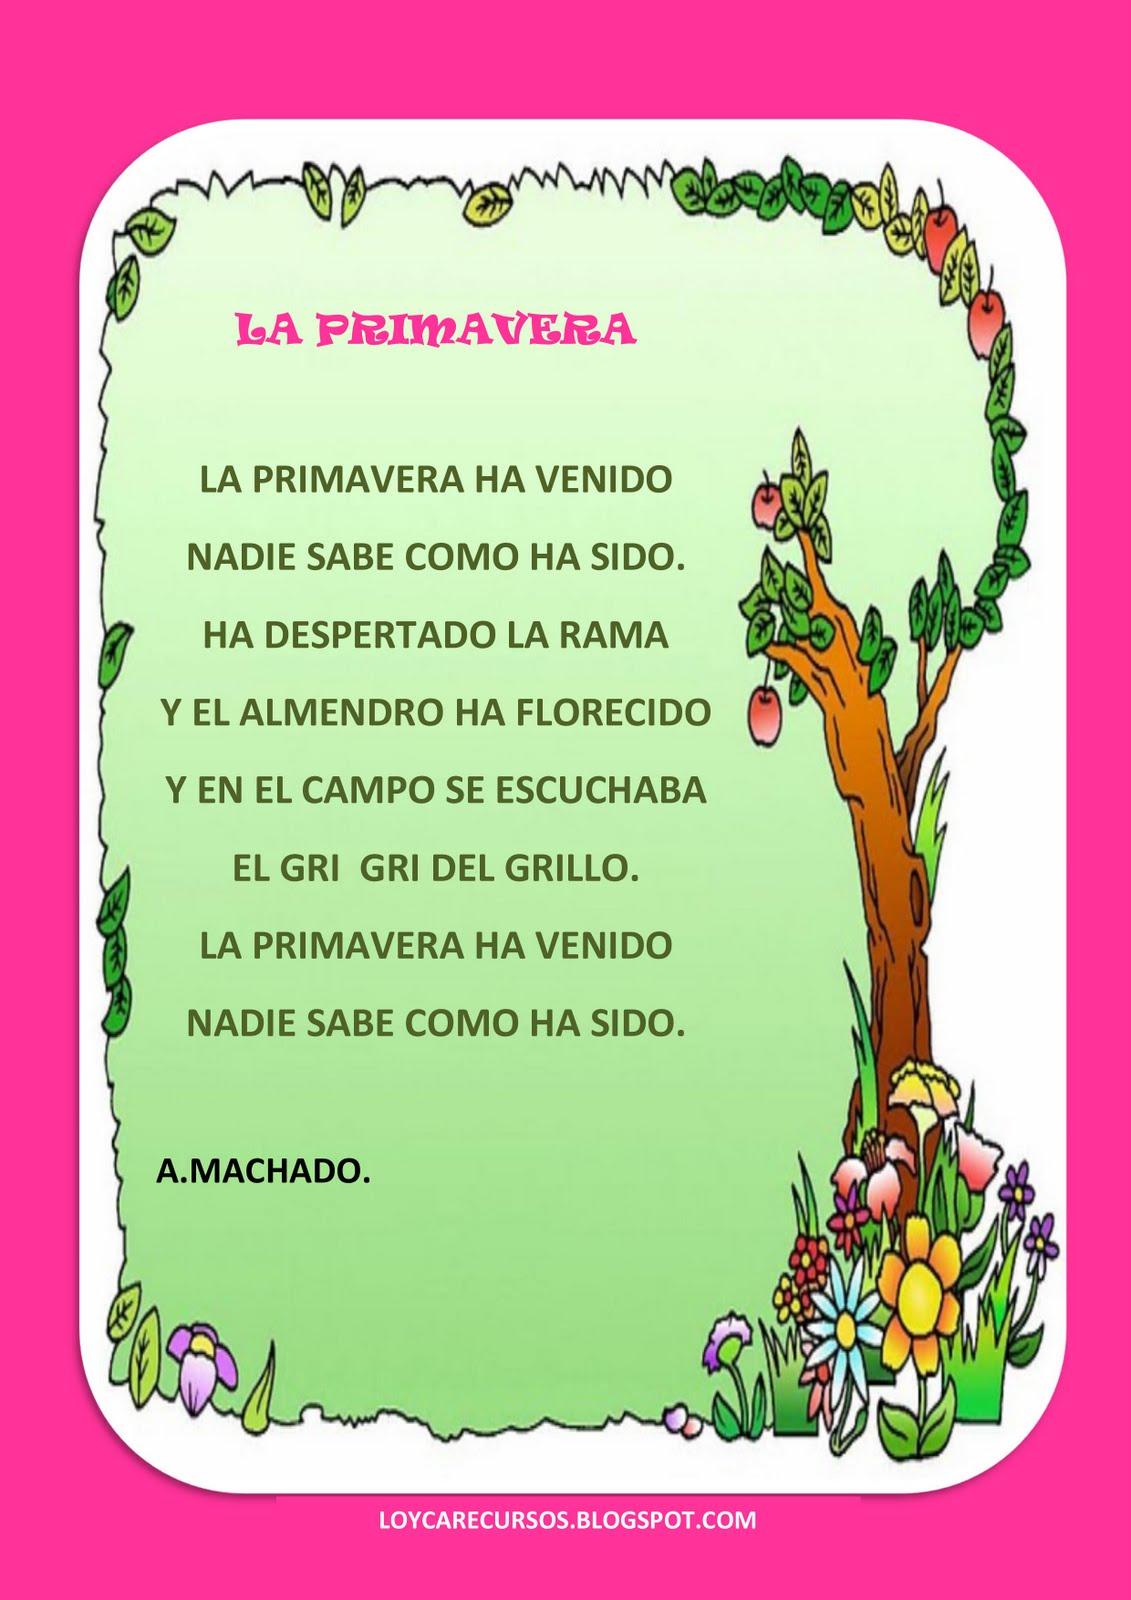 ... la primavera,una por supuesto de nuestro querido Antonio Machado